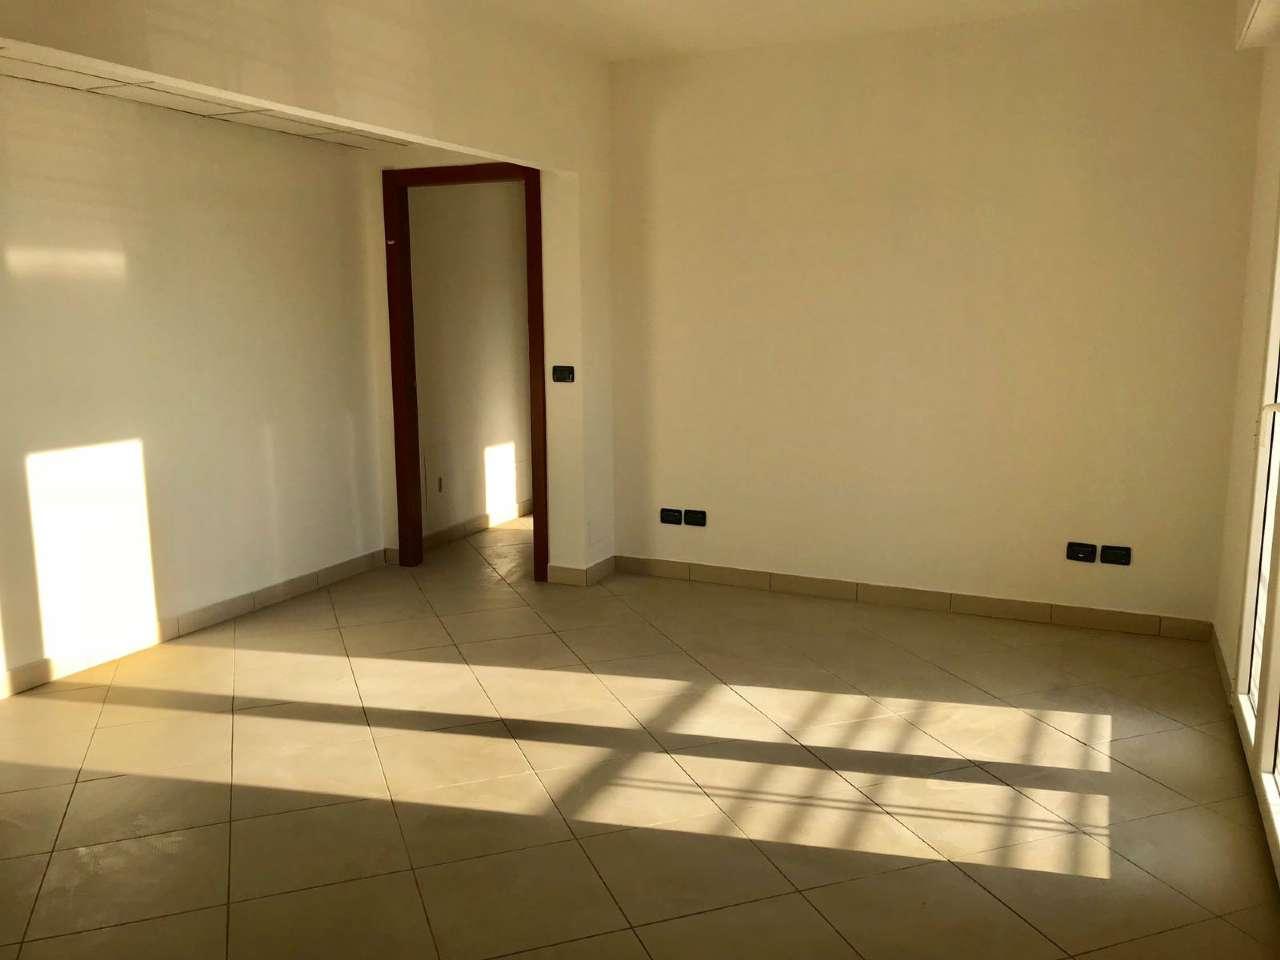 Ufficio / Studio in affitto a Montesilvano, 3 locali, prezzo € 650 | CambioCasa.it